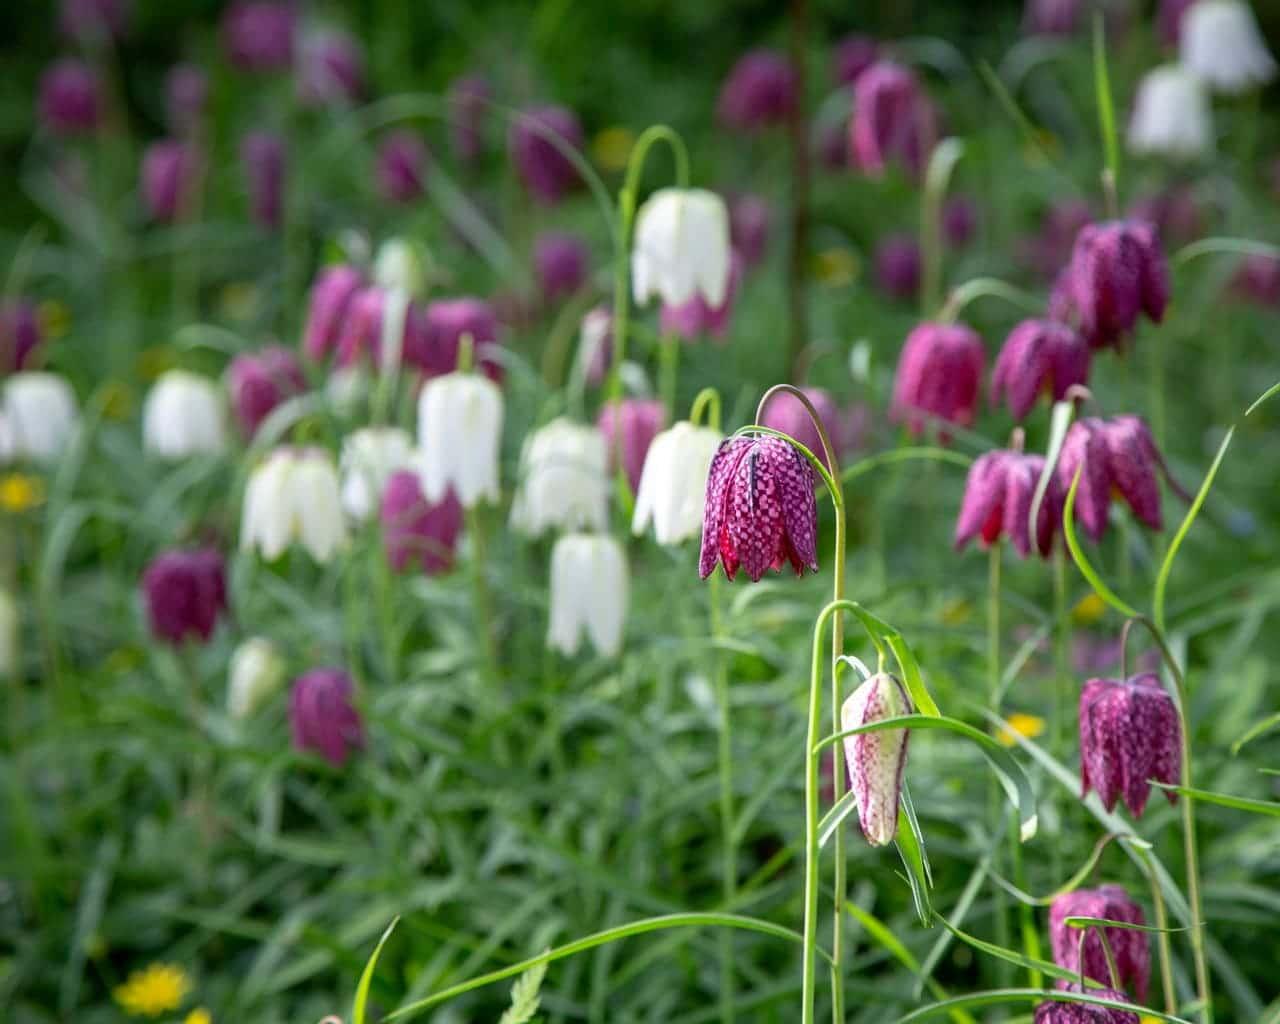 Schachbrettblumen Mischung, Fritellaria meleagris, Von Anna Partington Lizenzfreie Stockfotonummer: 1127433137